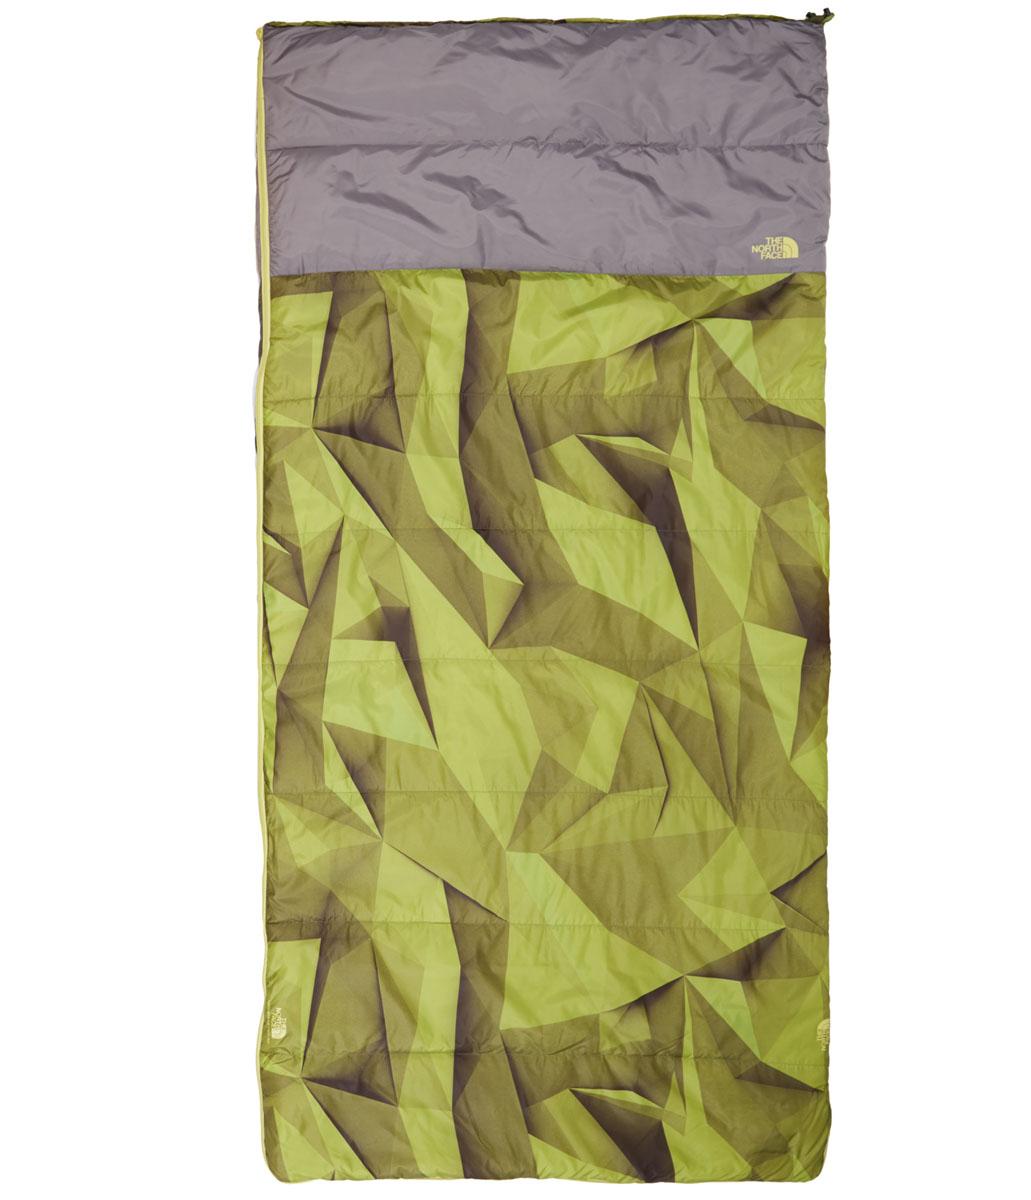 Спальный мешок The North Face Homestead Twin 40/4, цвет: зеленый. T0CJ2YHAPRH REG